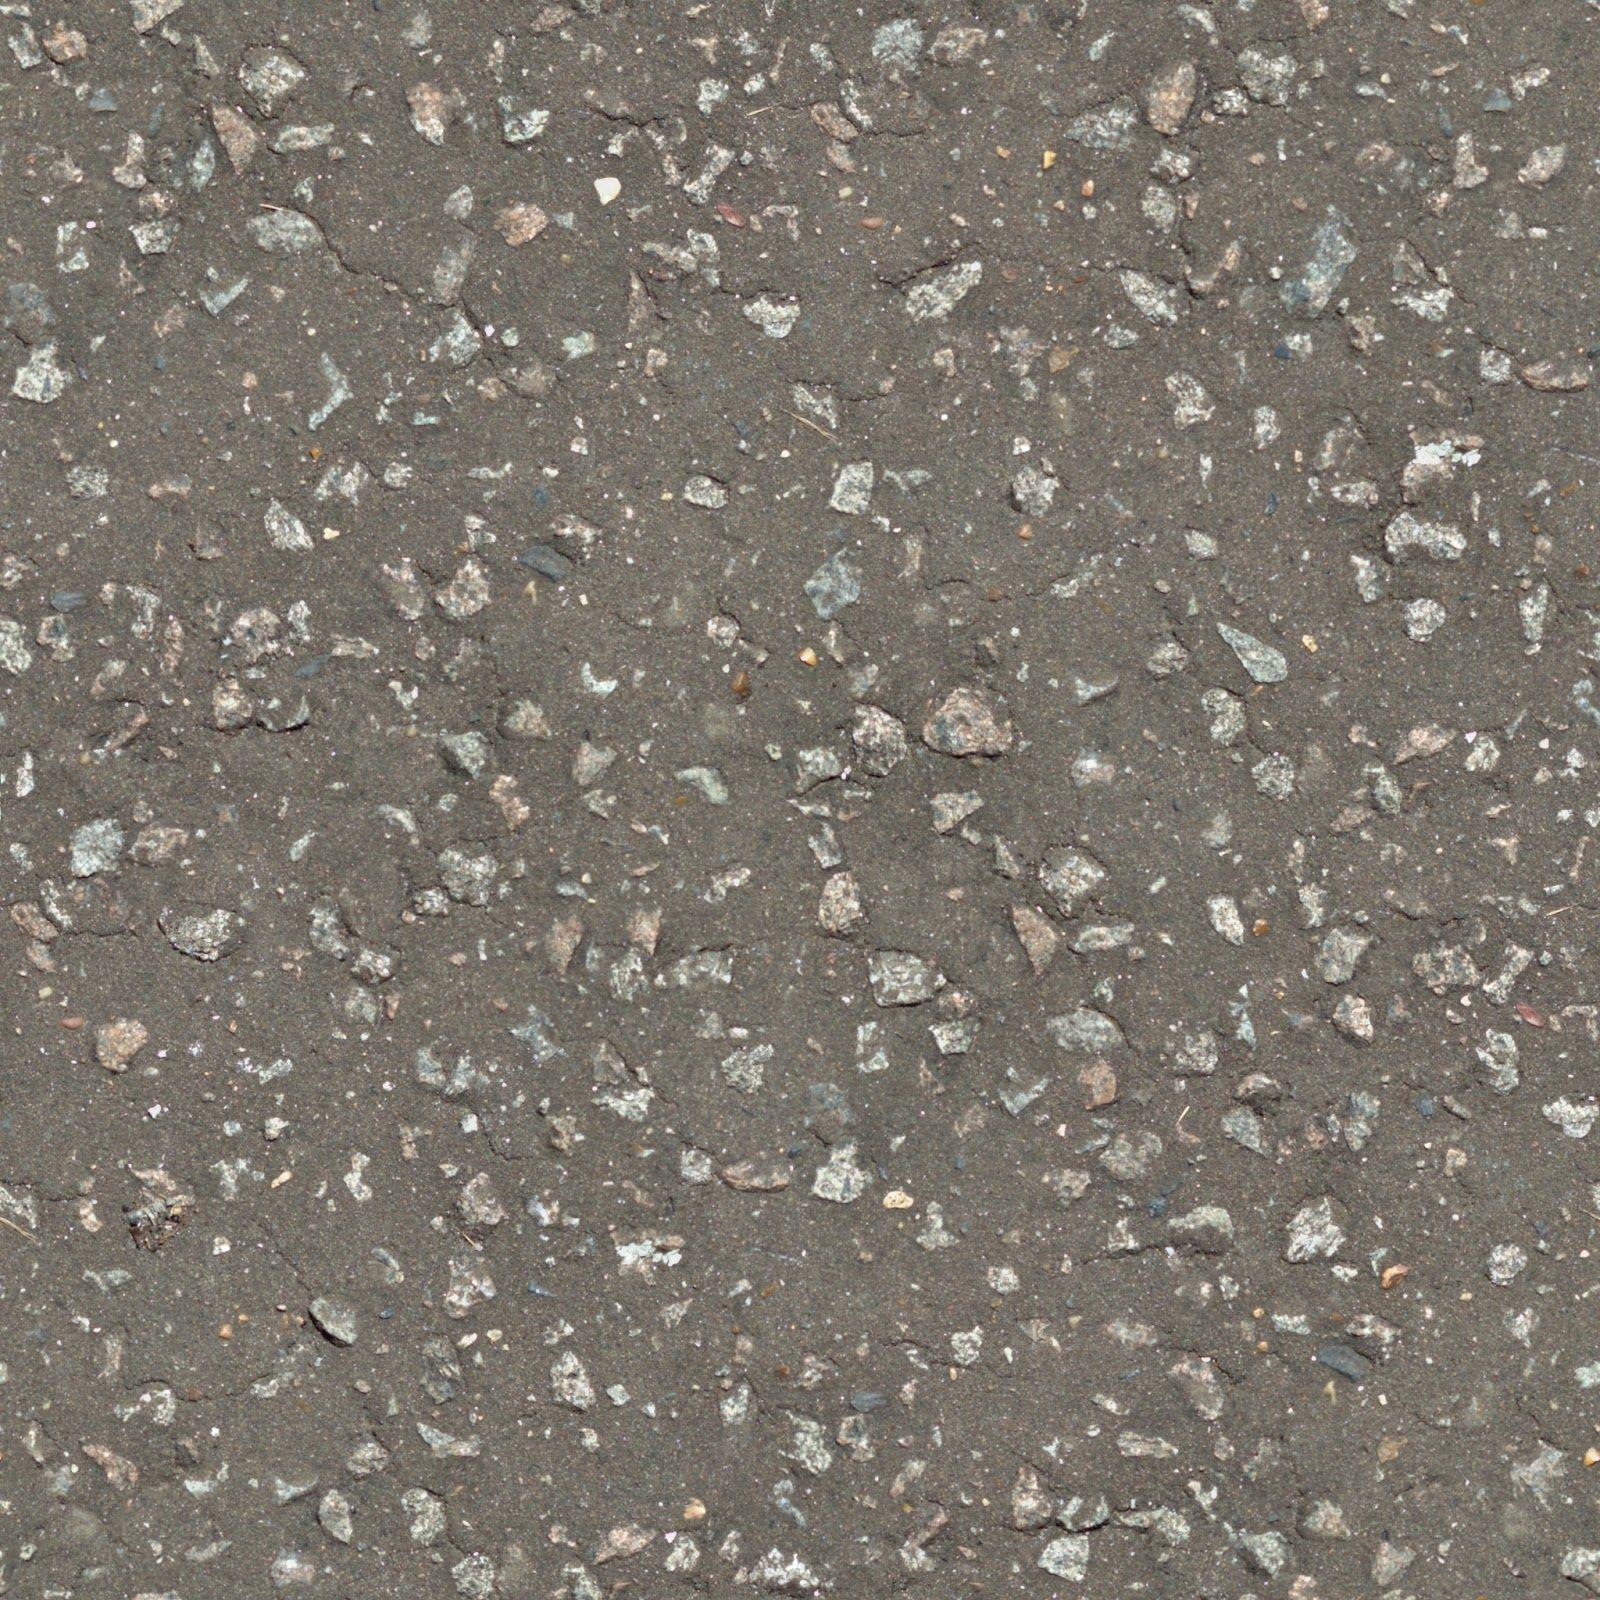 Flooring For Dirt Floor: (Concrete 6) Dirt Ground Floor Pathway Seamless Texture